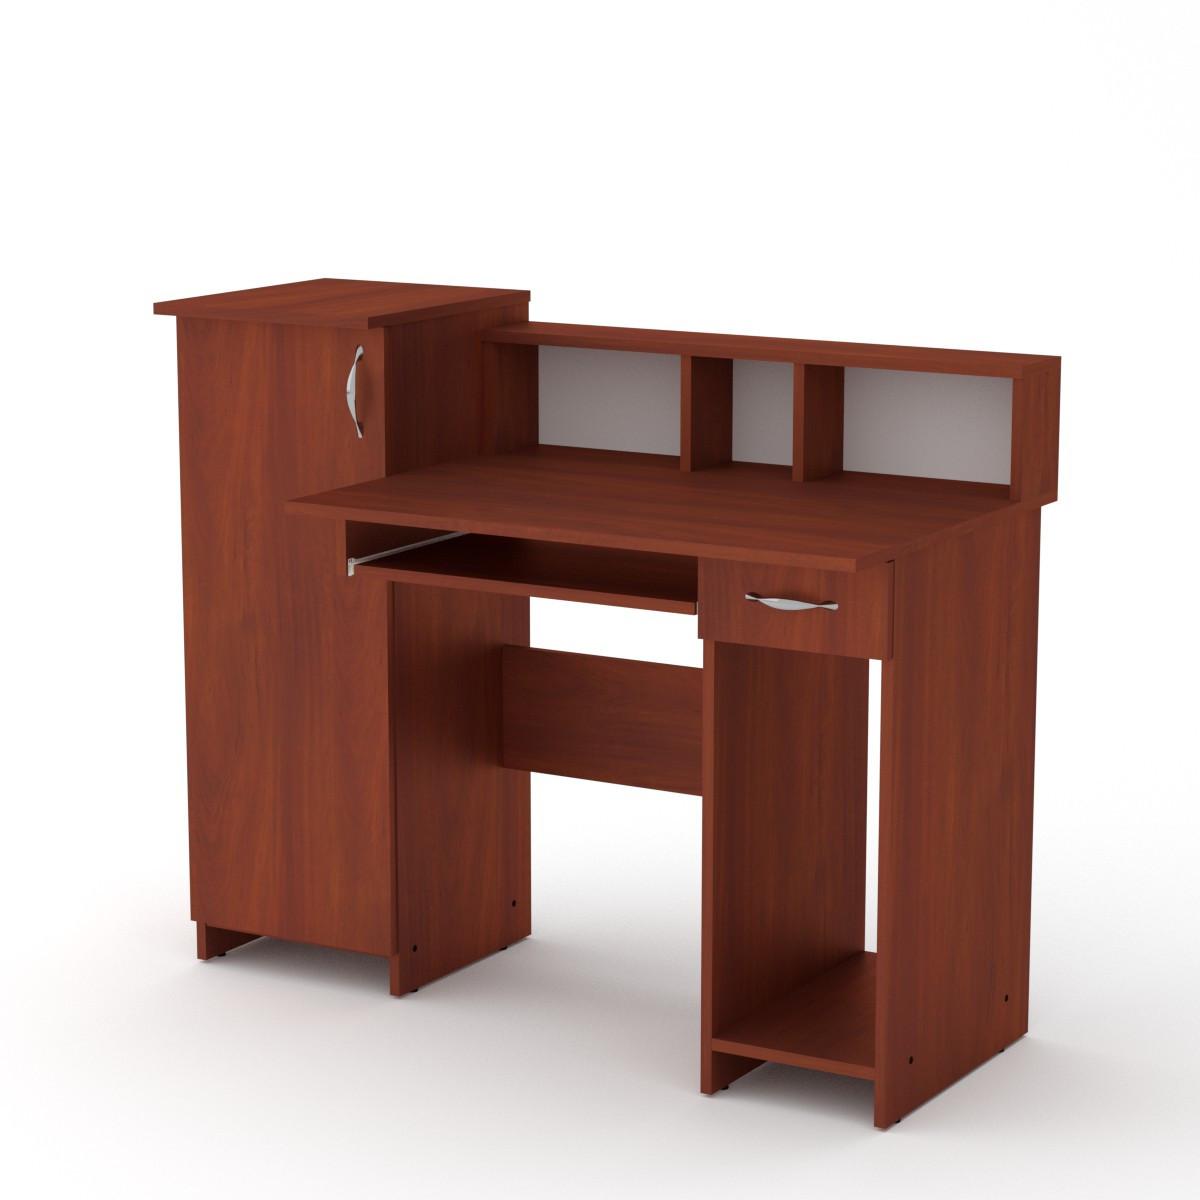 Стол компьютерный Пи пи-2 яблоня Компанит (118х60х96 см)